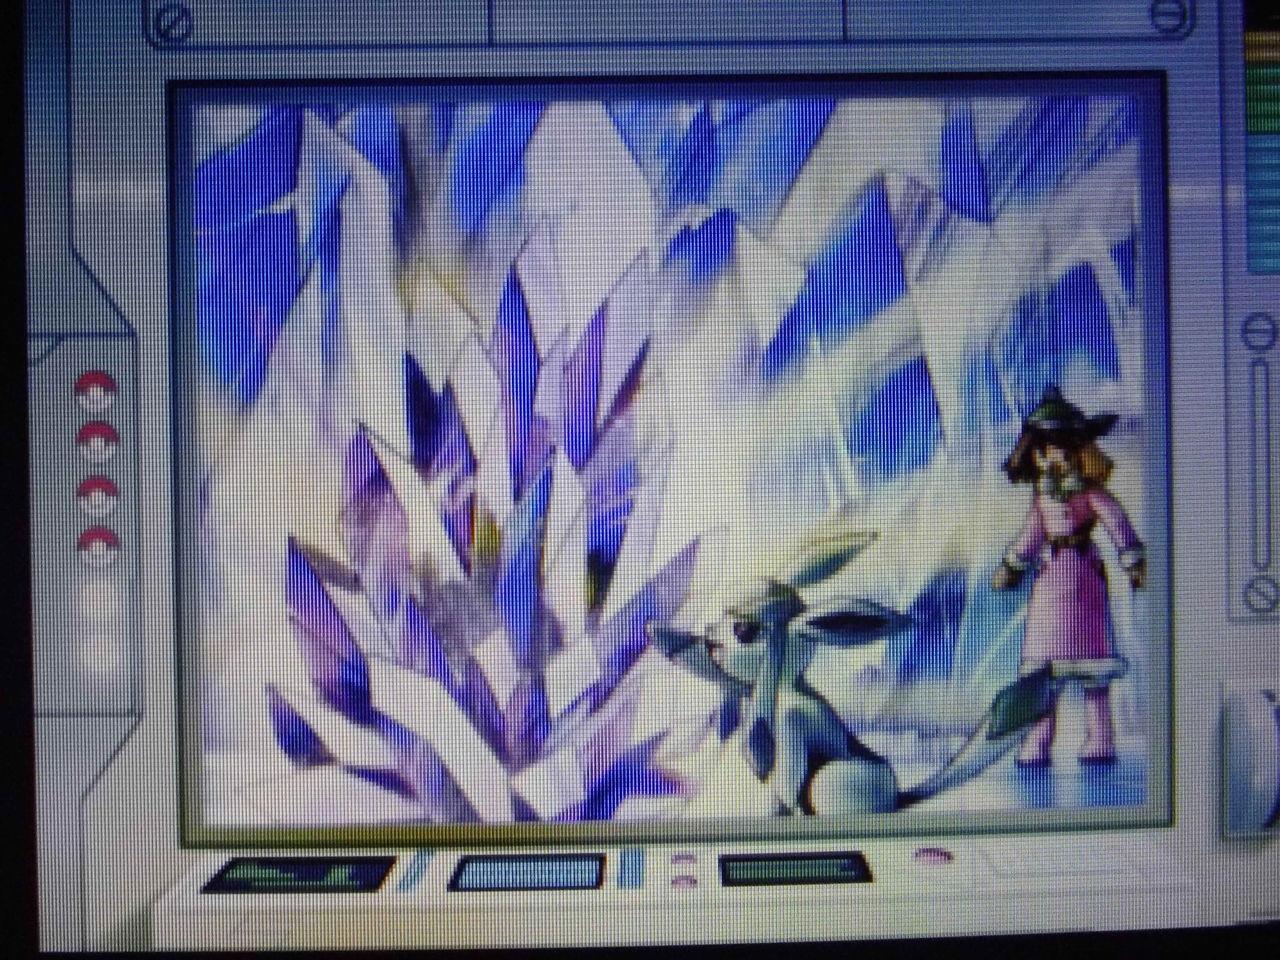 アニメポケモン…グレイシアの登場する回 : 磁場+-のポケ日記